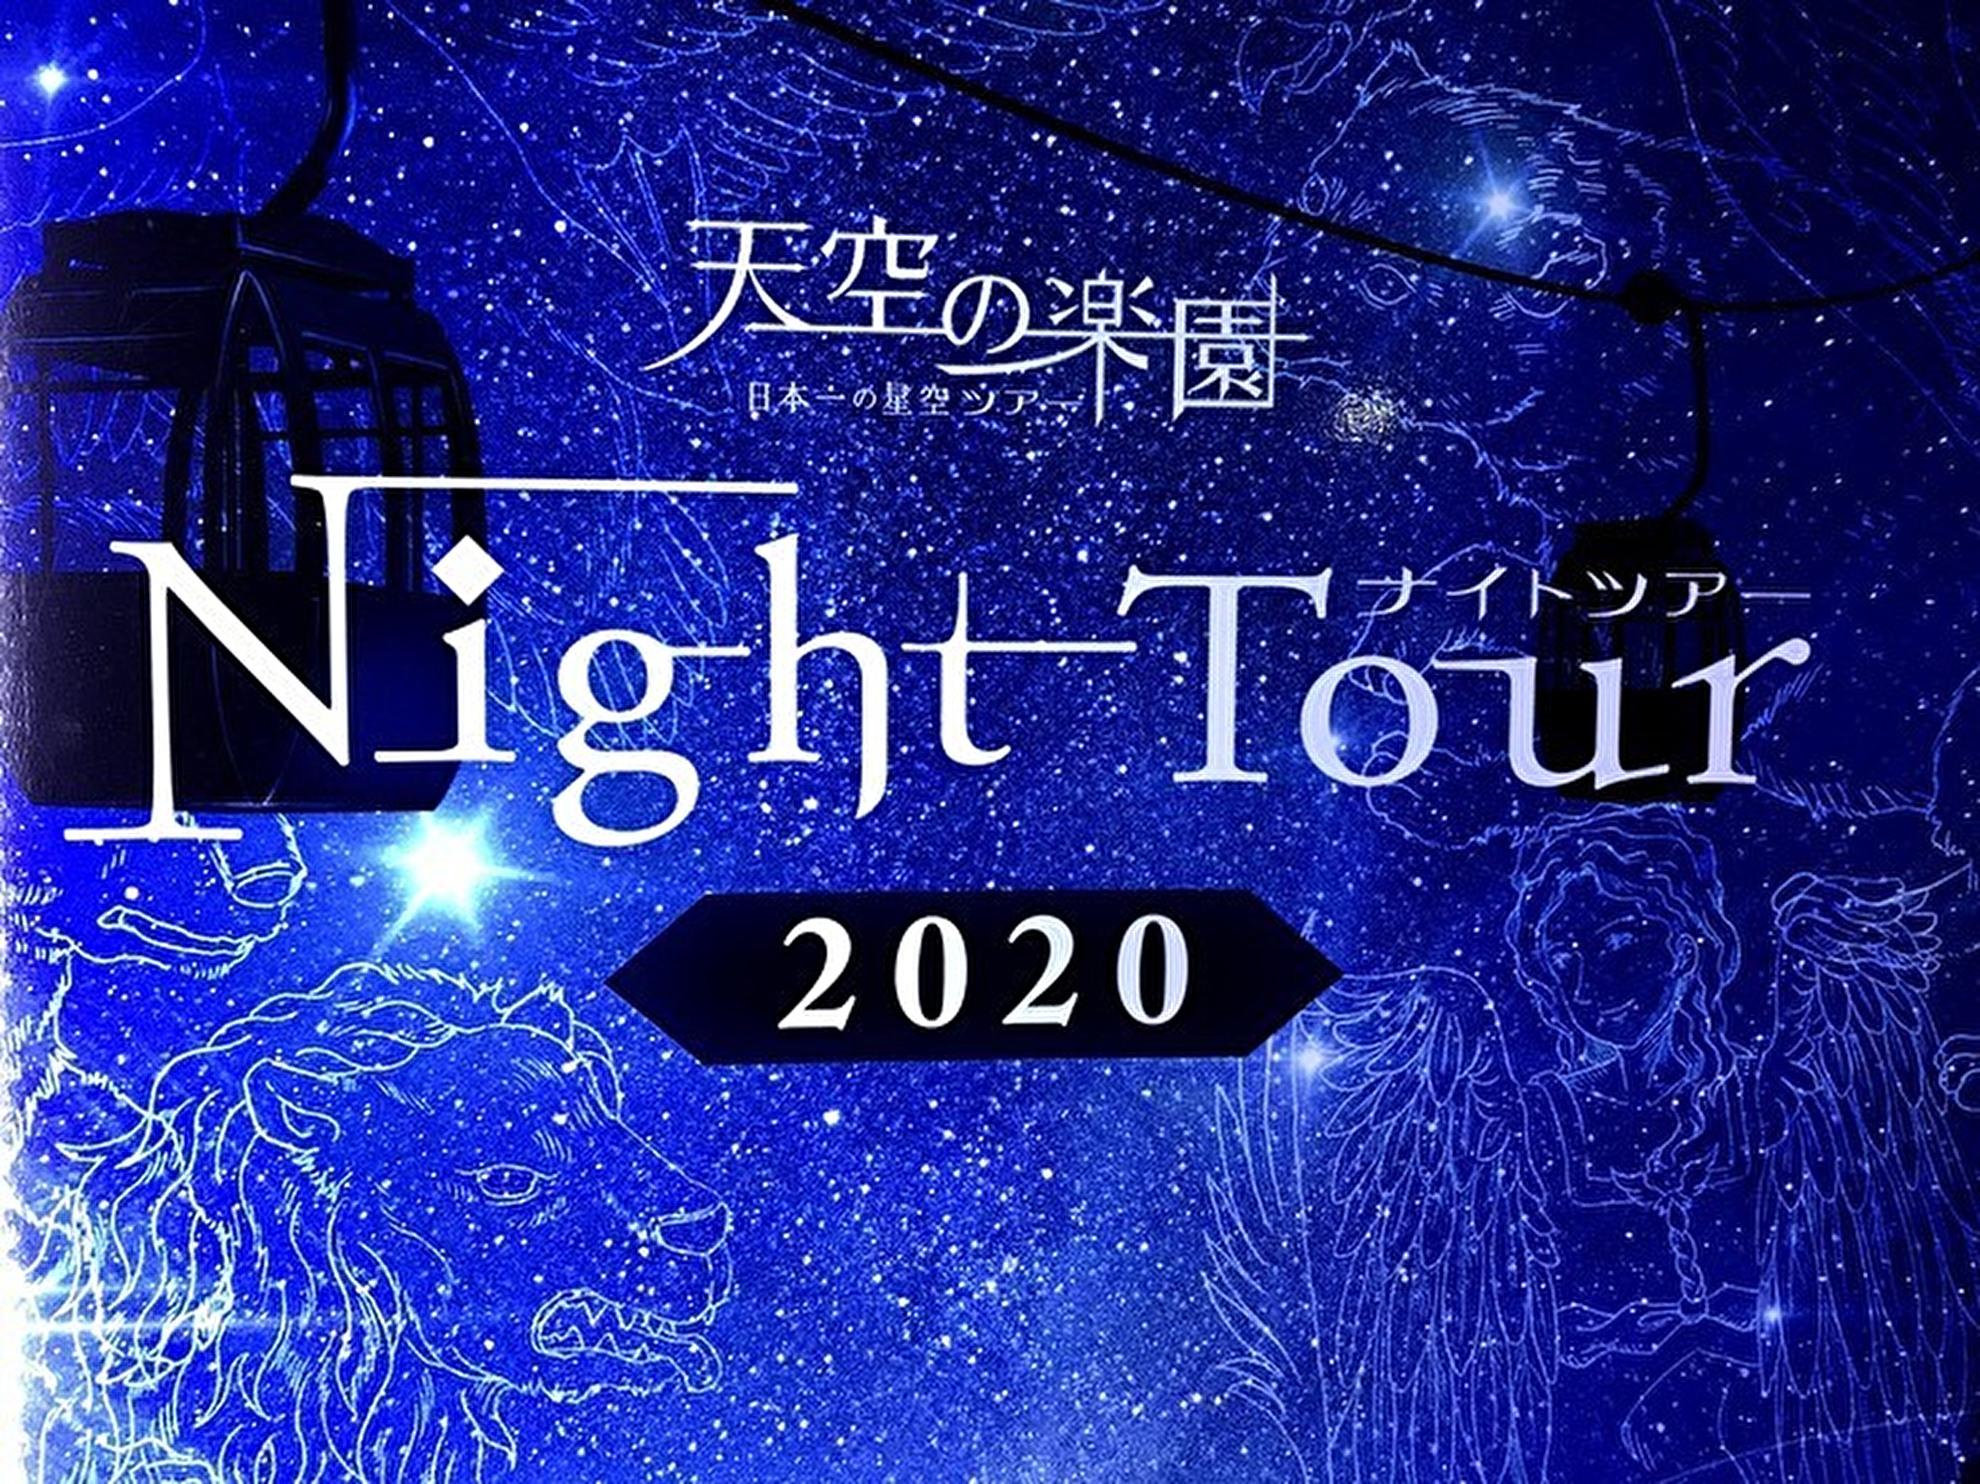 ヘブンスそのはらのナイトツアーがスゴイ!日本一の星空を楽しもう!